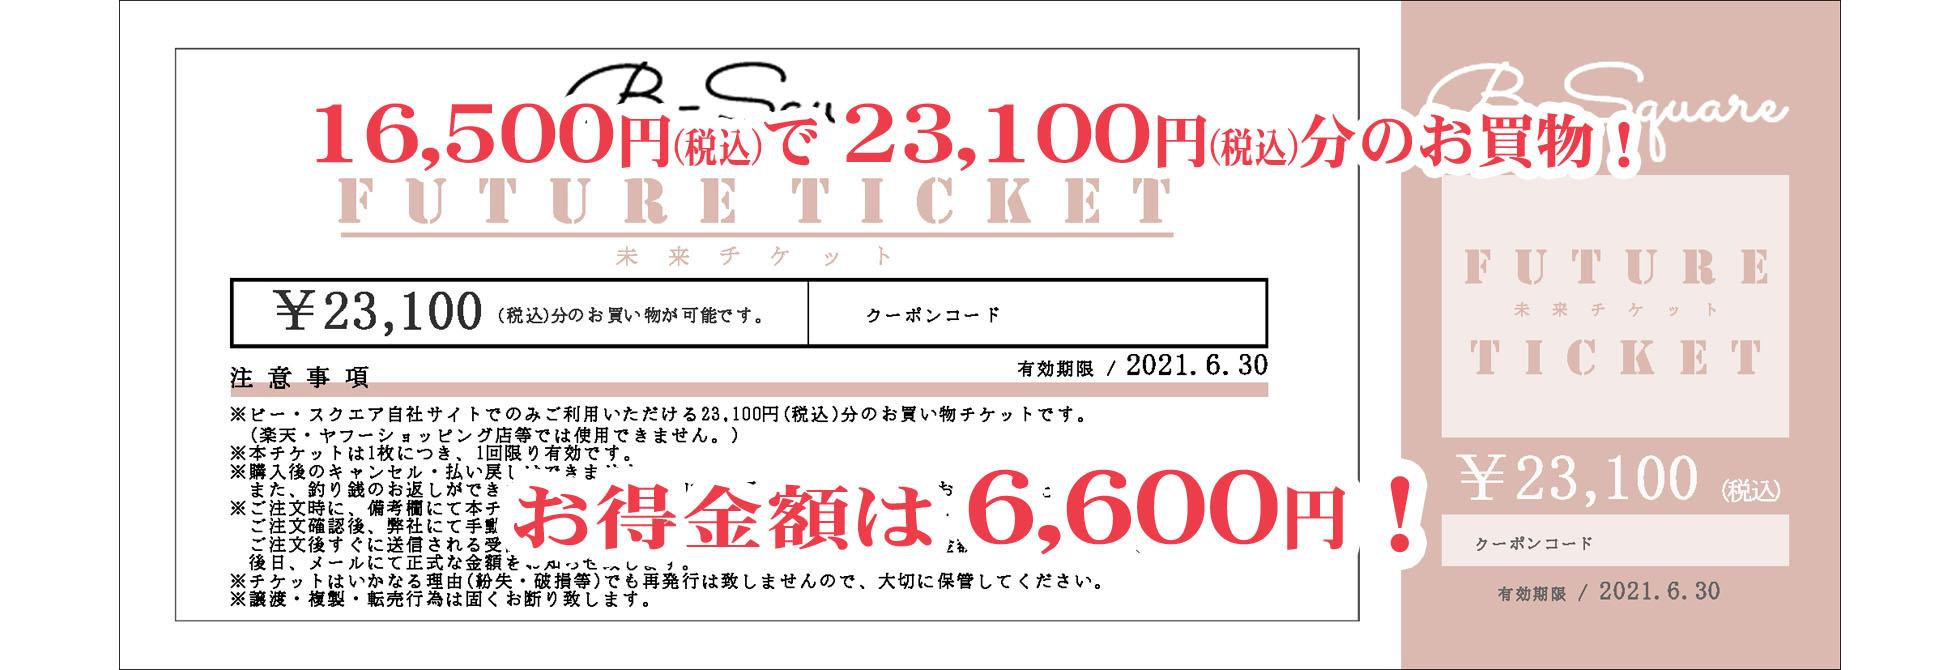 未来チケット16500円で23100円